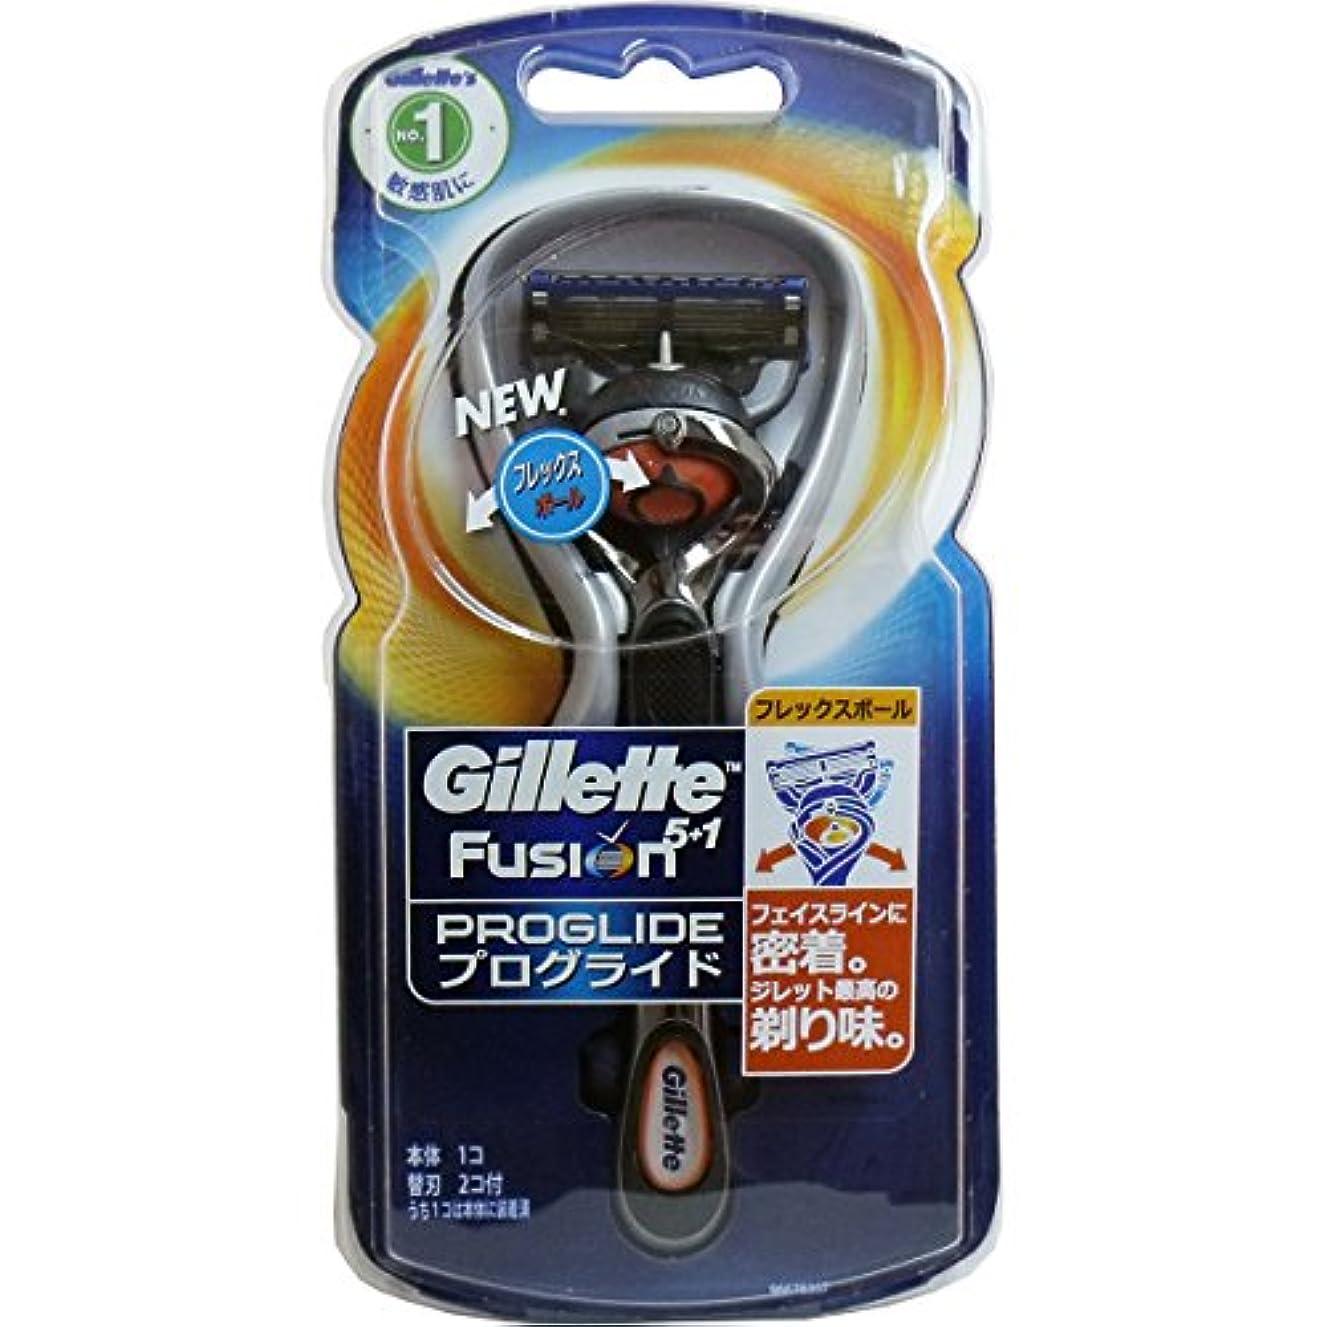 勤勉なミシン便宜【P&G】ジレット プログライド フレックスボール マニュアル ホルダー 替刃2個付 ×5個セット